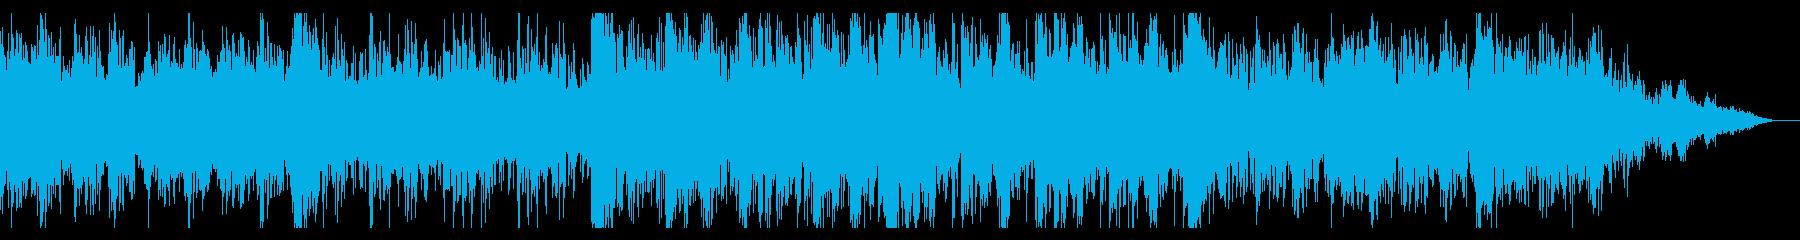 シネマティックなデジタルノイズのビートの再生済みの波形